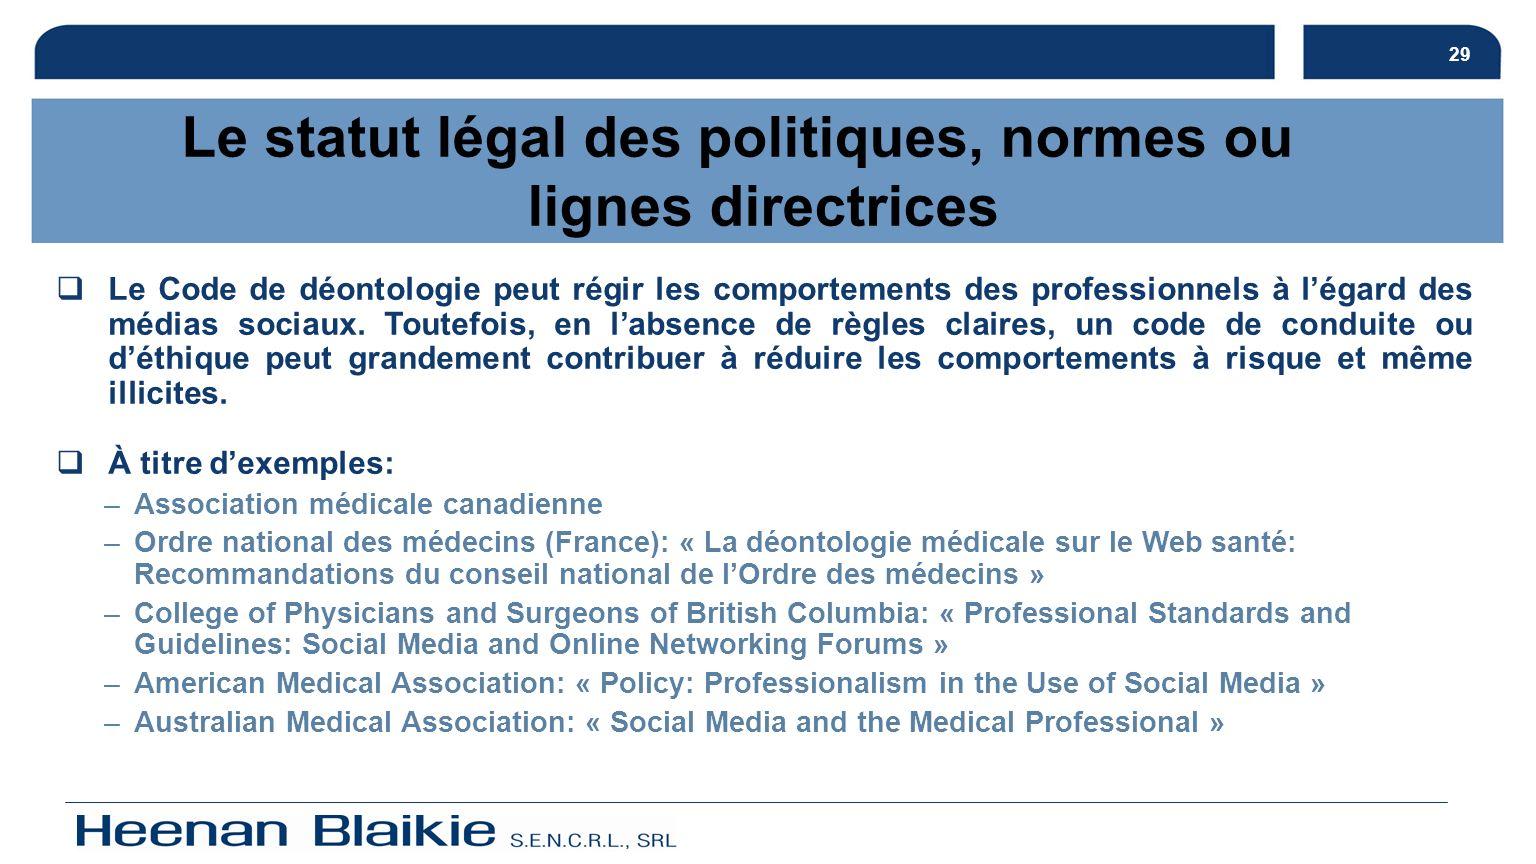 Le statut légal des politiques, normes ou lignes directrices